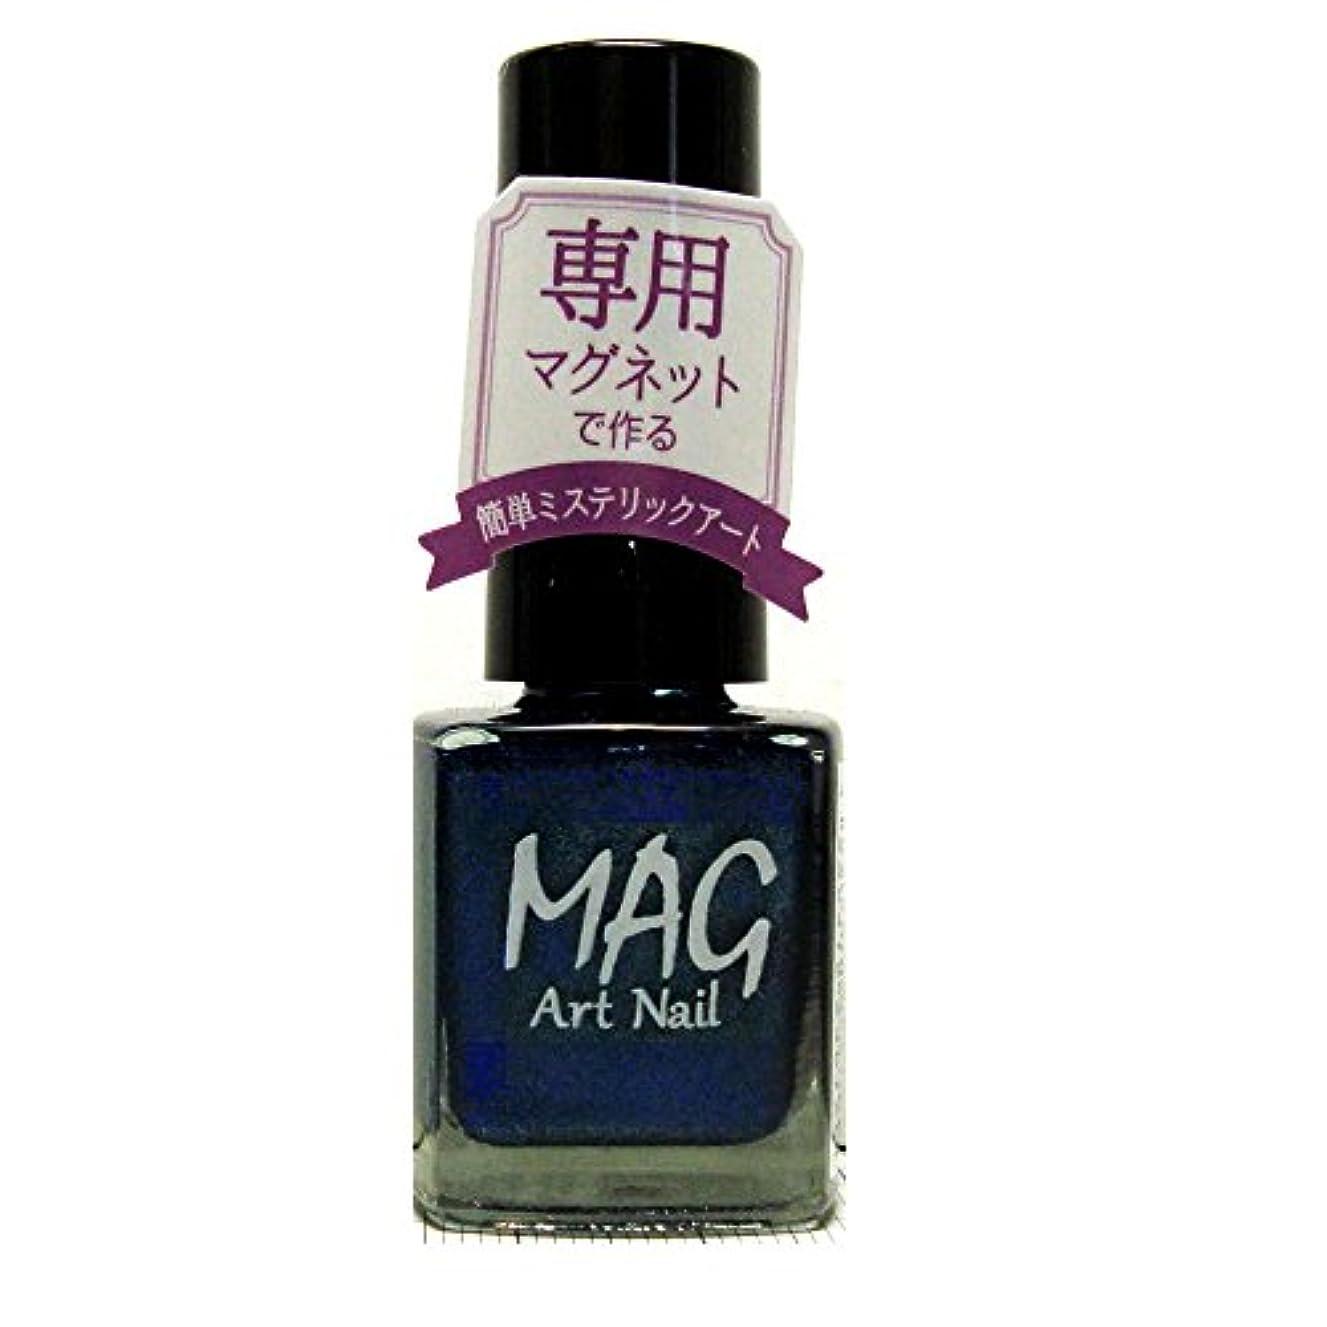 作曲するしわチャートTMマグアートネイル(爪化粧料) TMMA1605 ナイトブルー